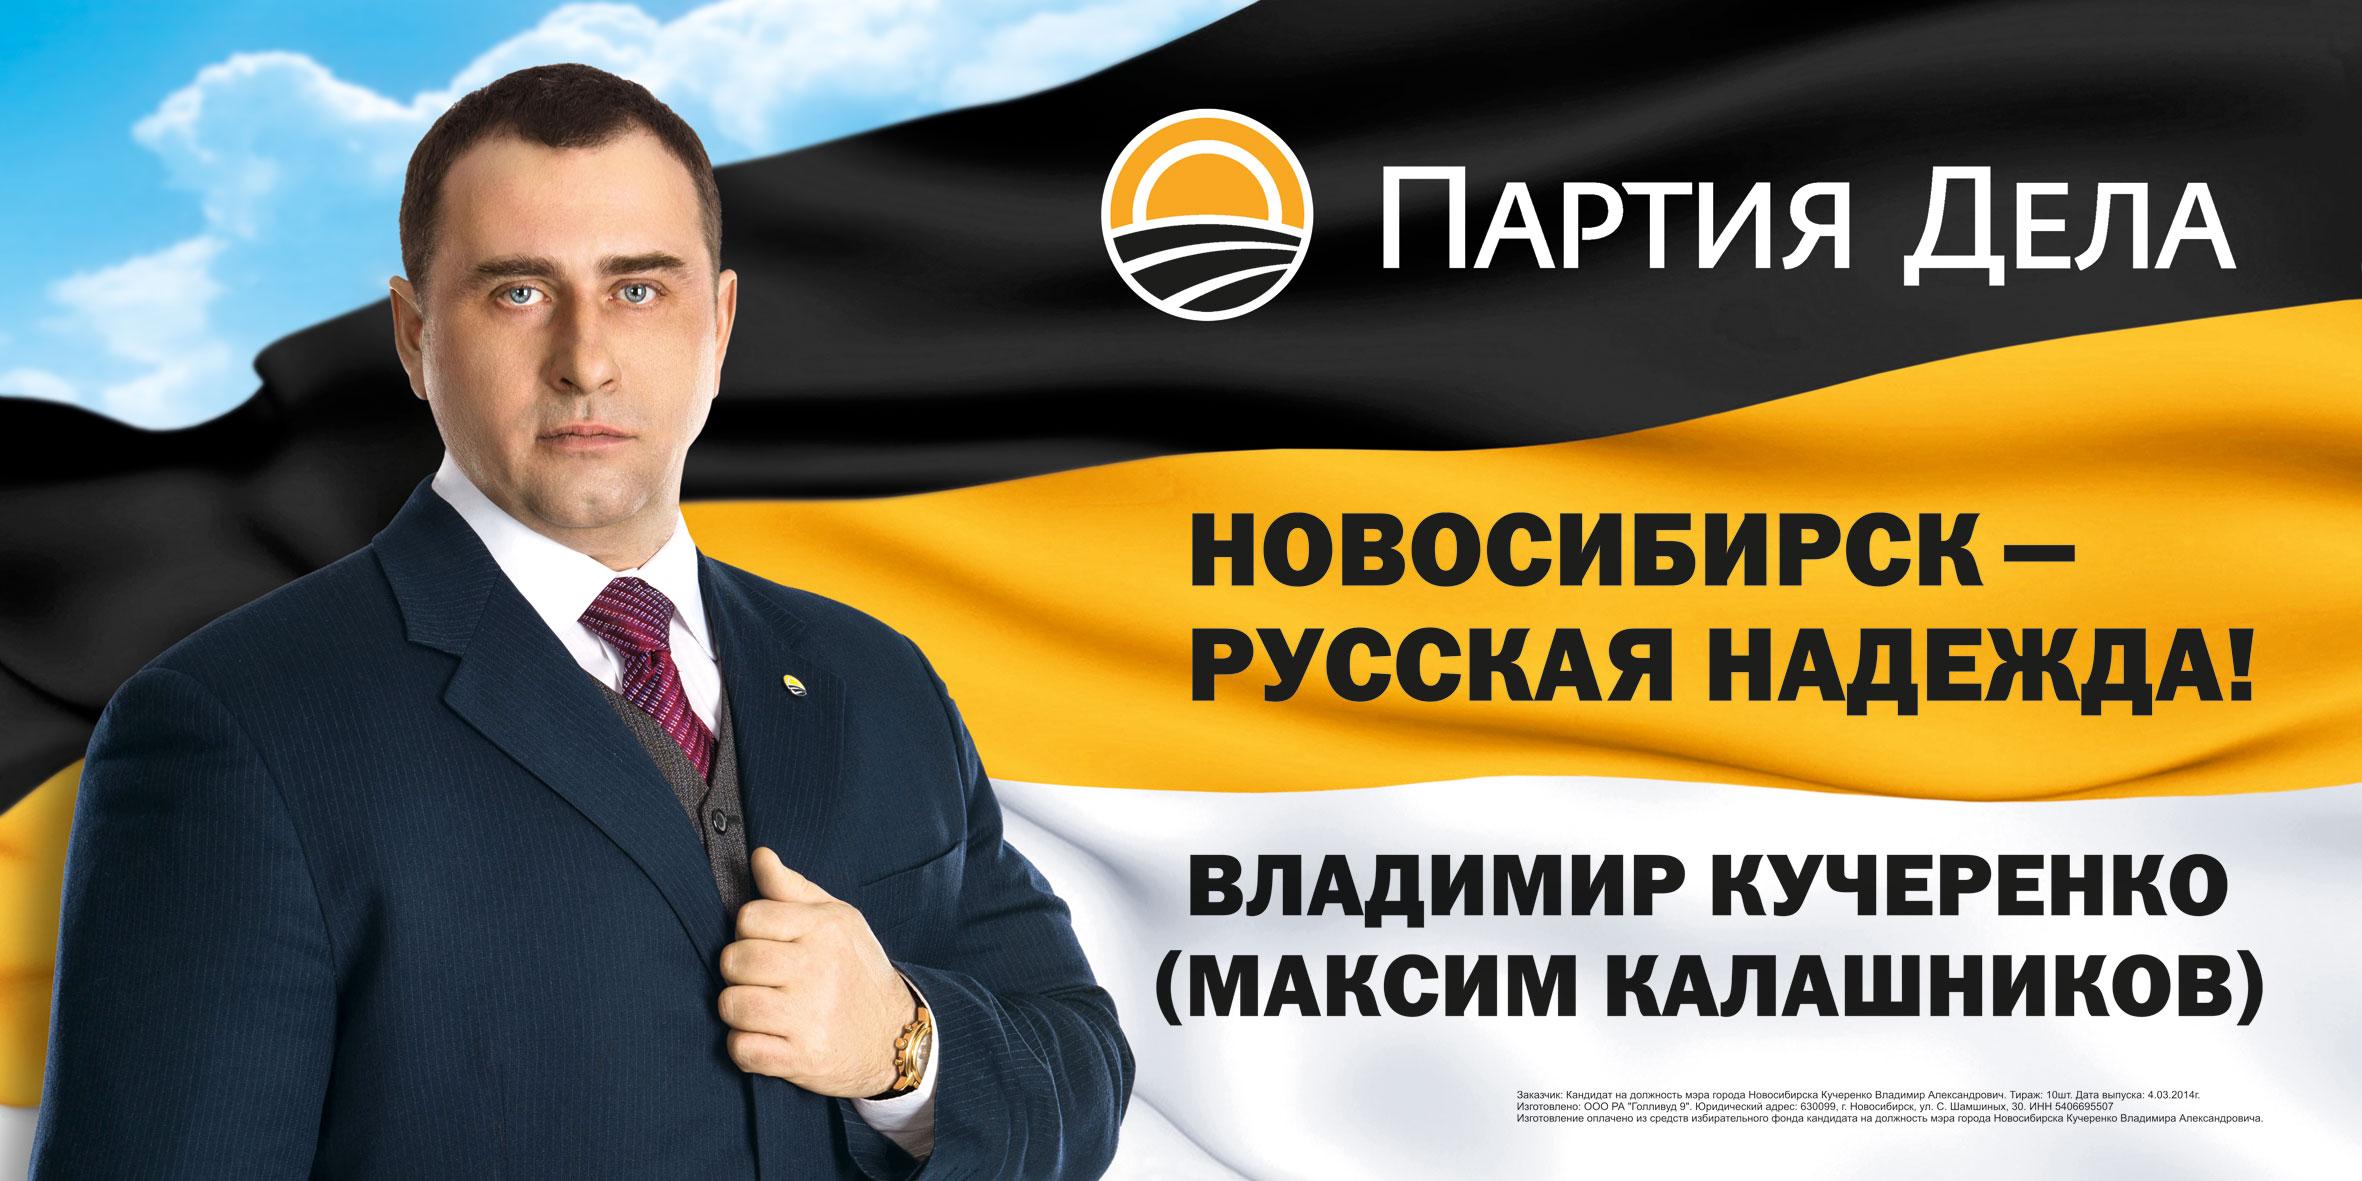 Программа Кучеренко-Калашникова в сжатой форме. Прошу помочь распространить!